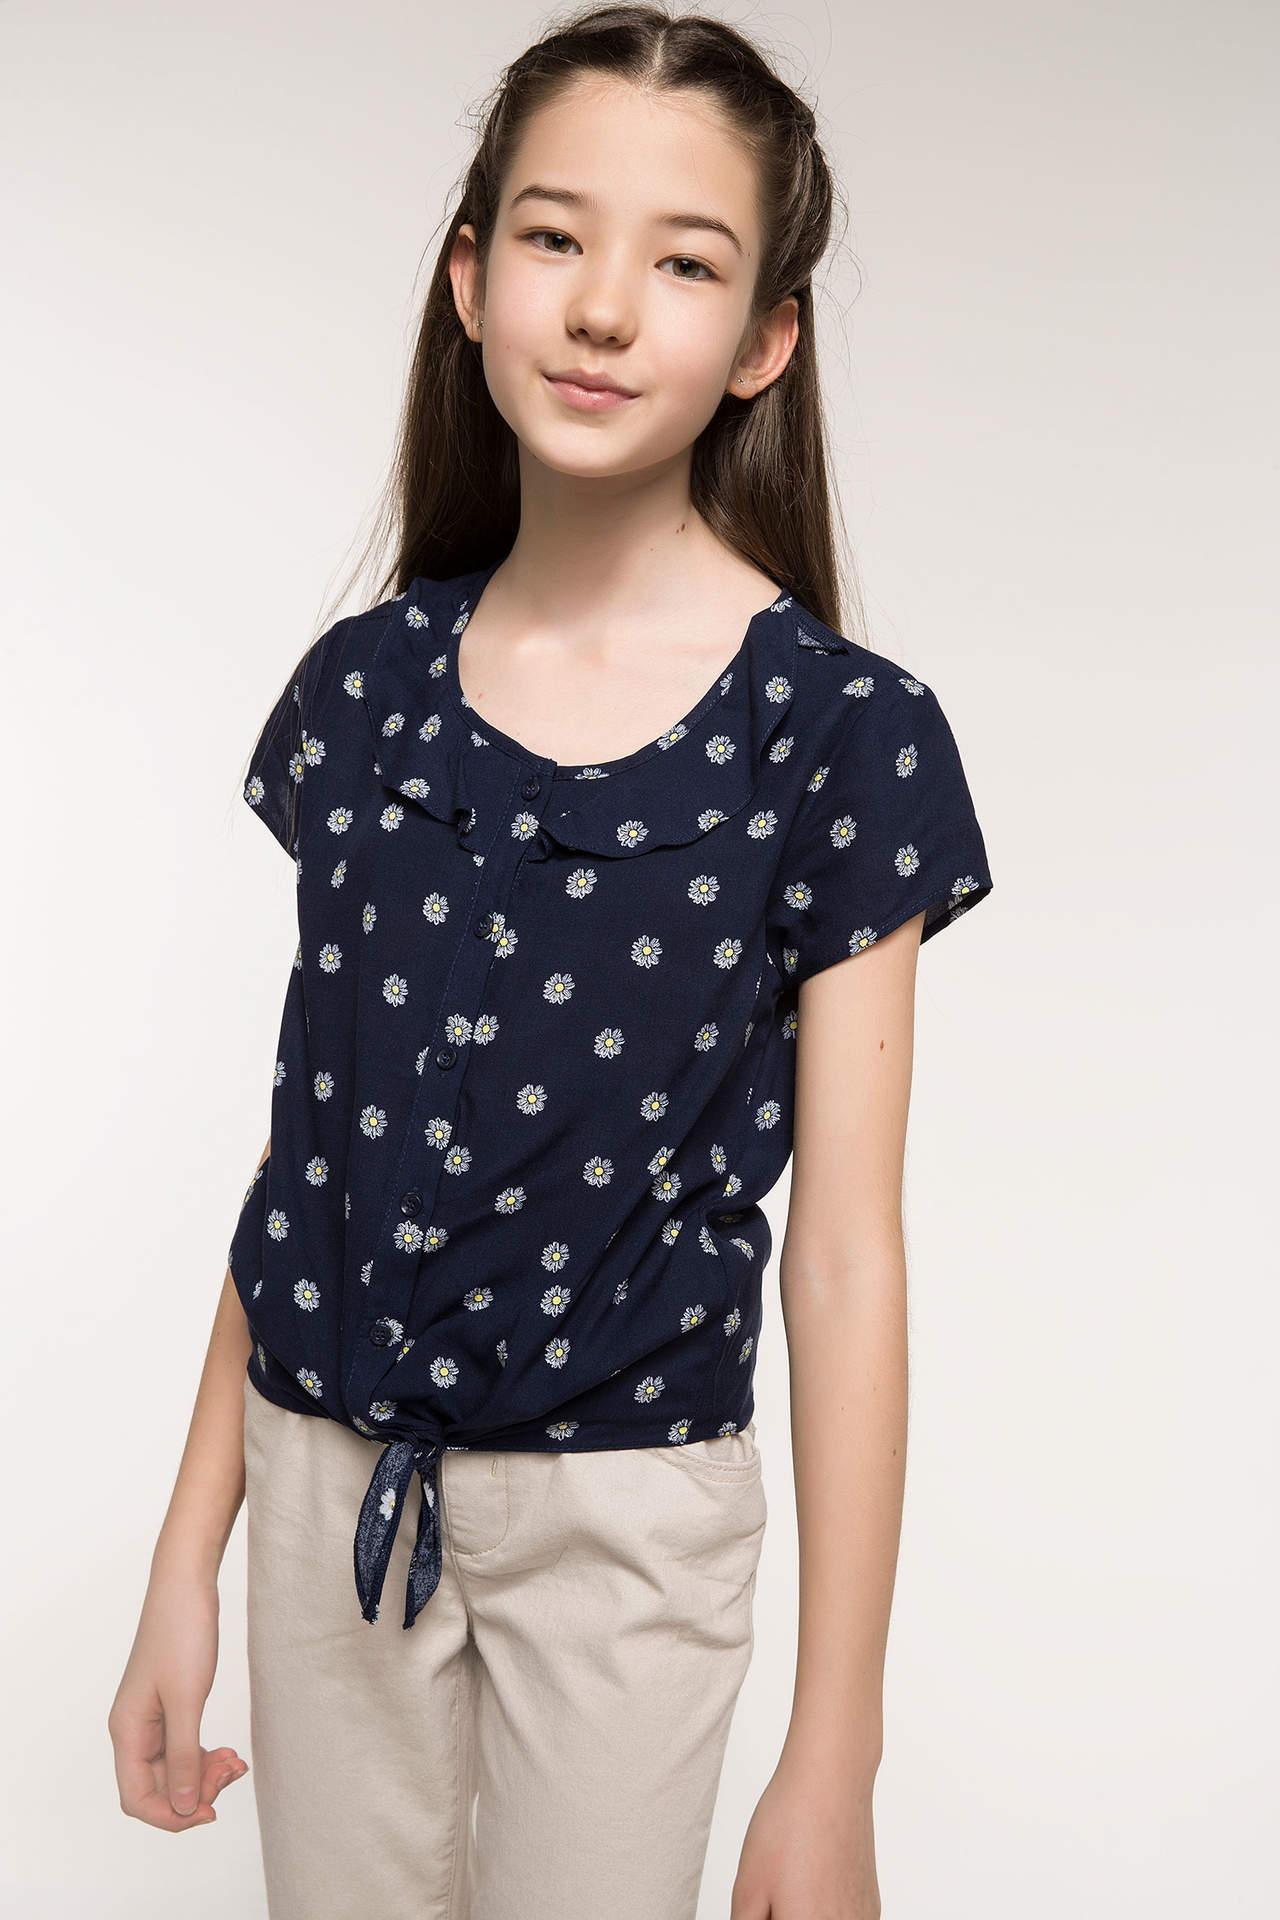 DeFacto Kız Çocuk Papatya Baskılı Bağlama Detaylı Gömlek Lacivert female